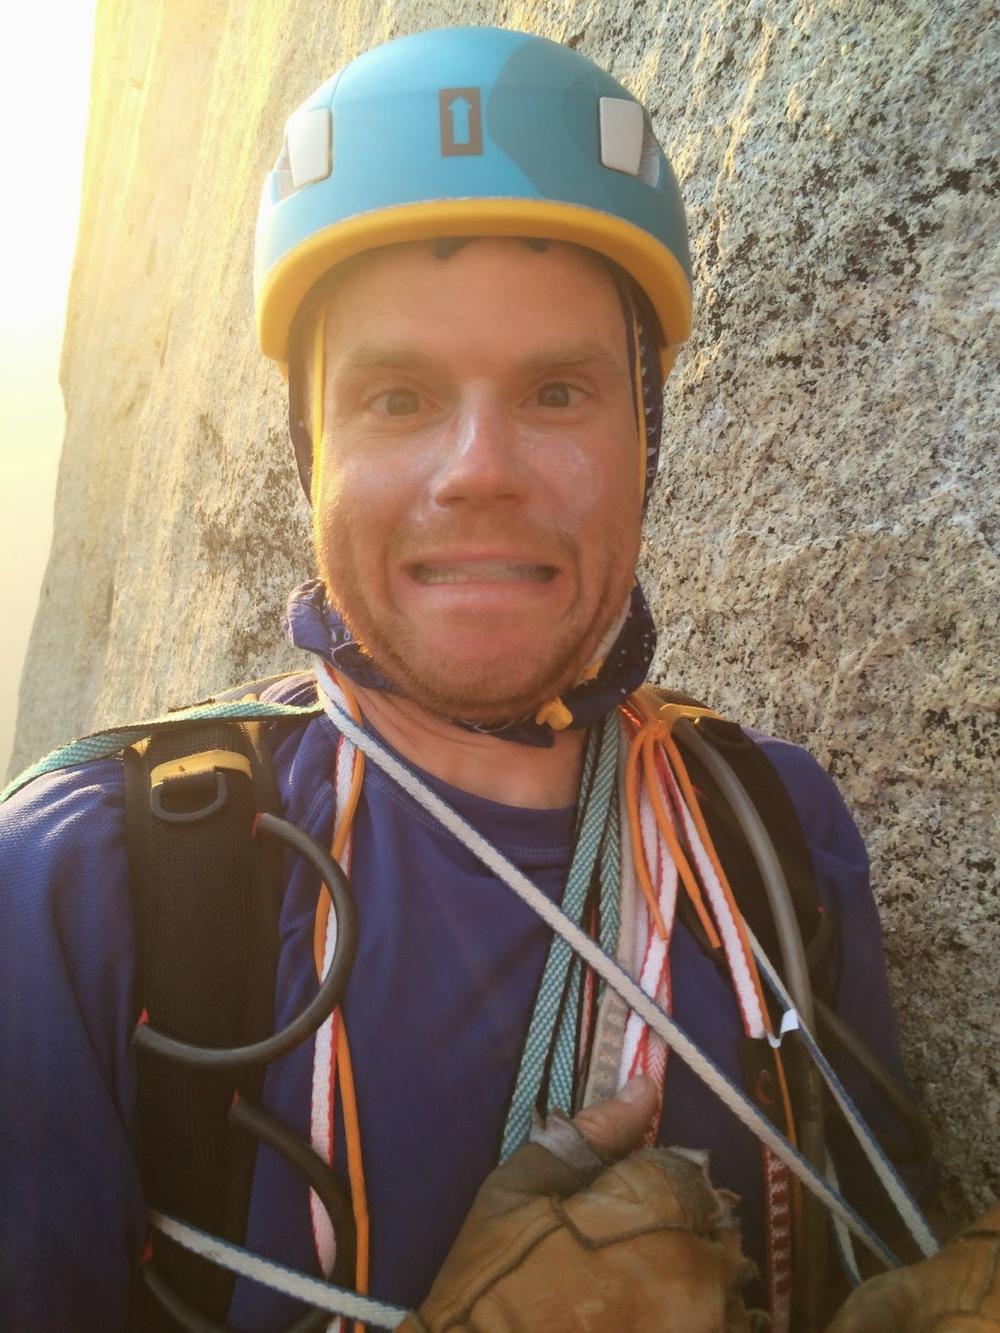 2014-Yosemite-273.jpg